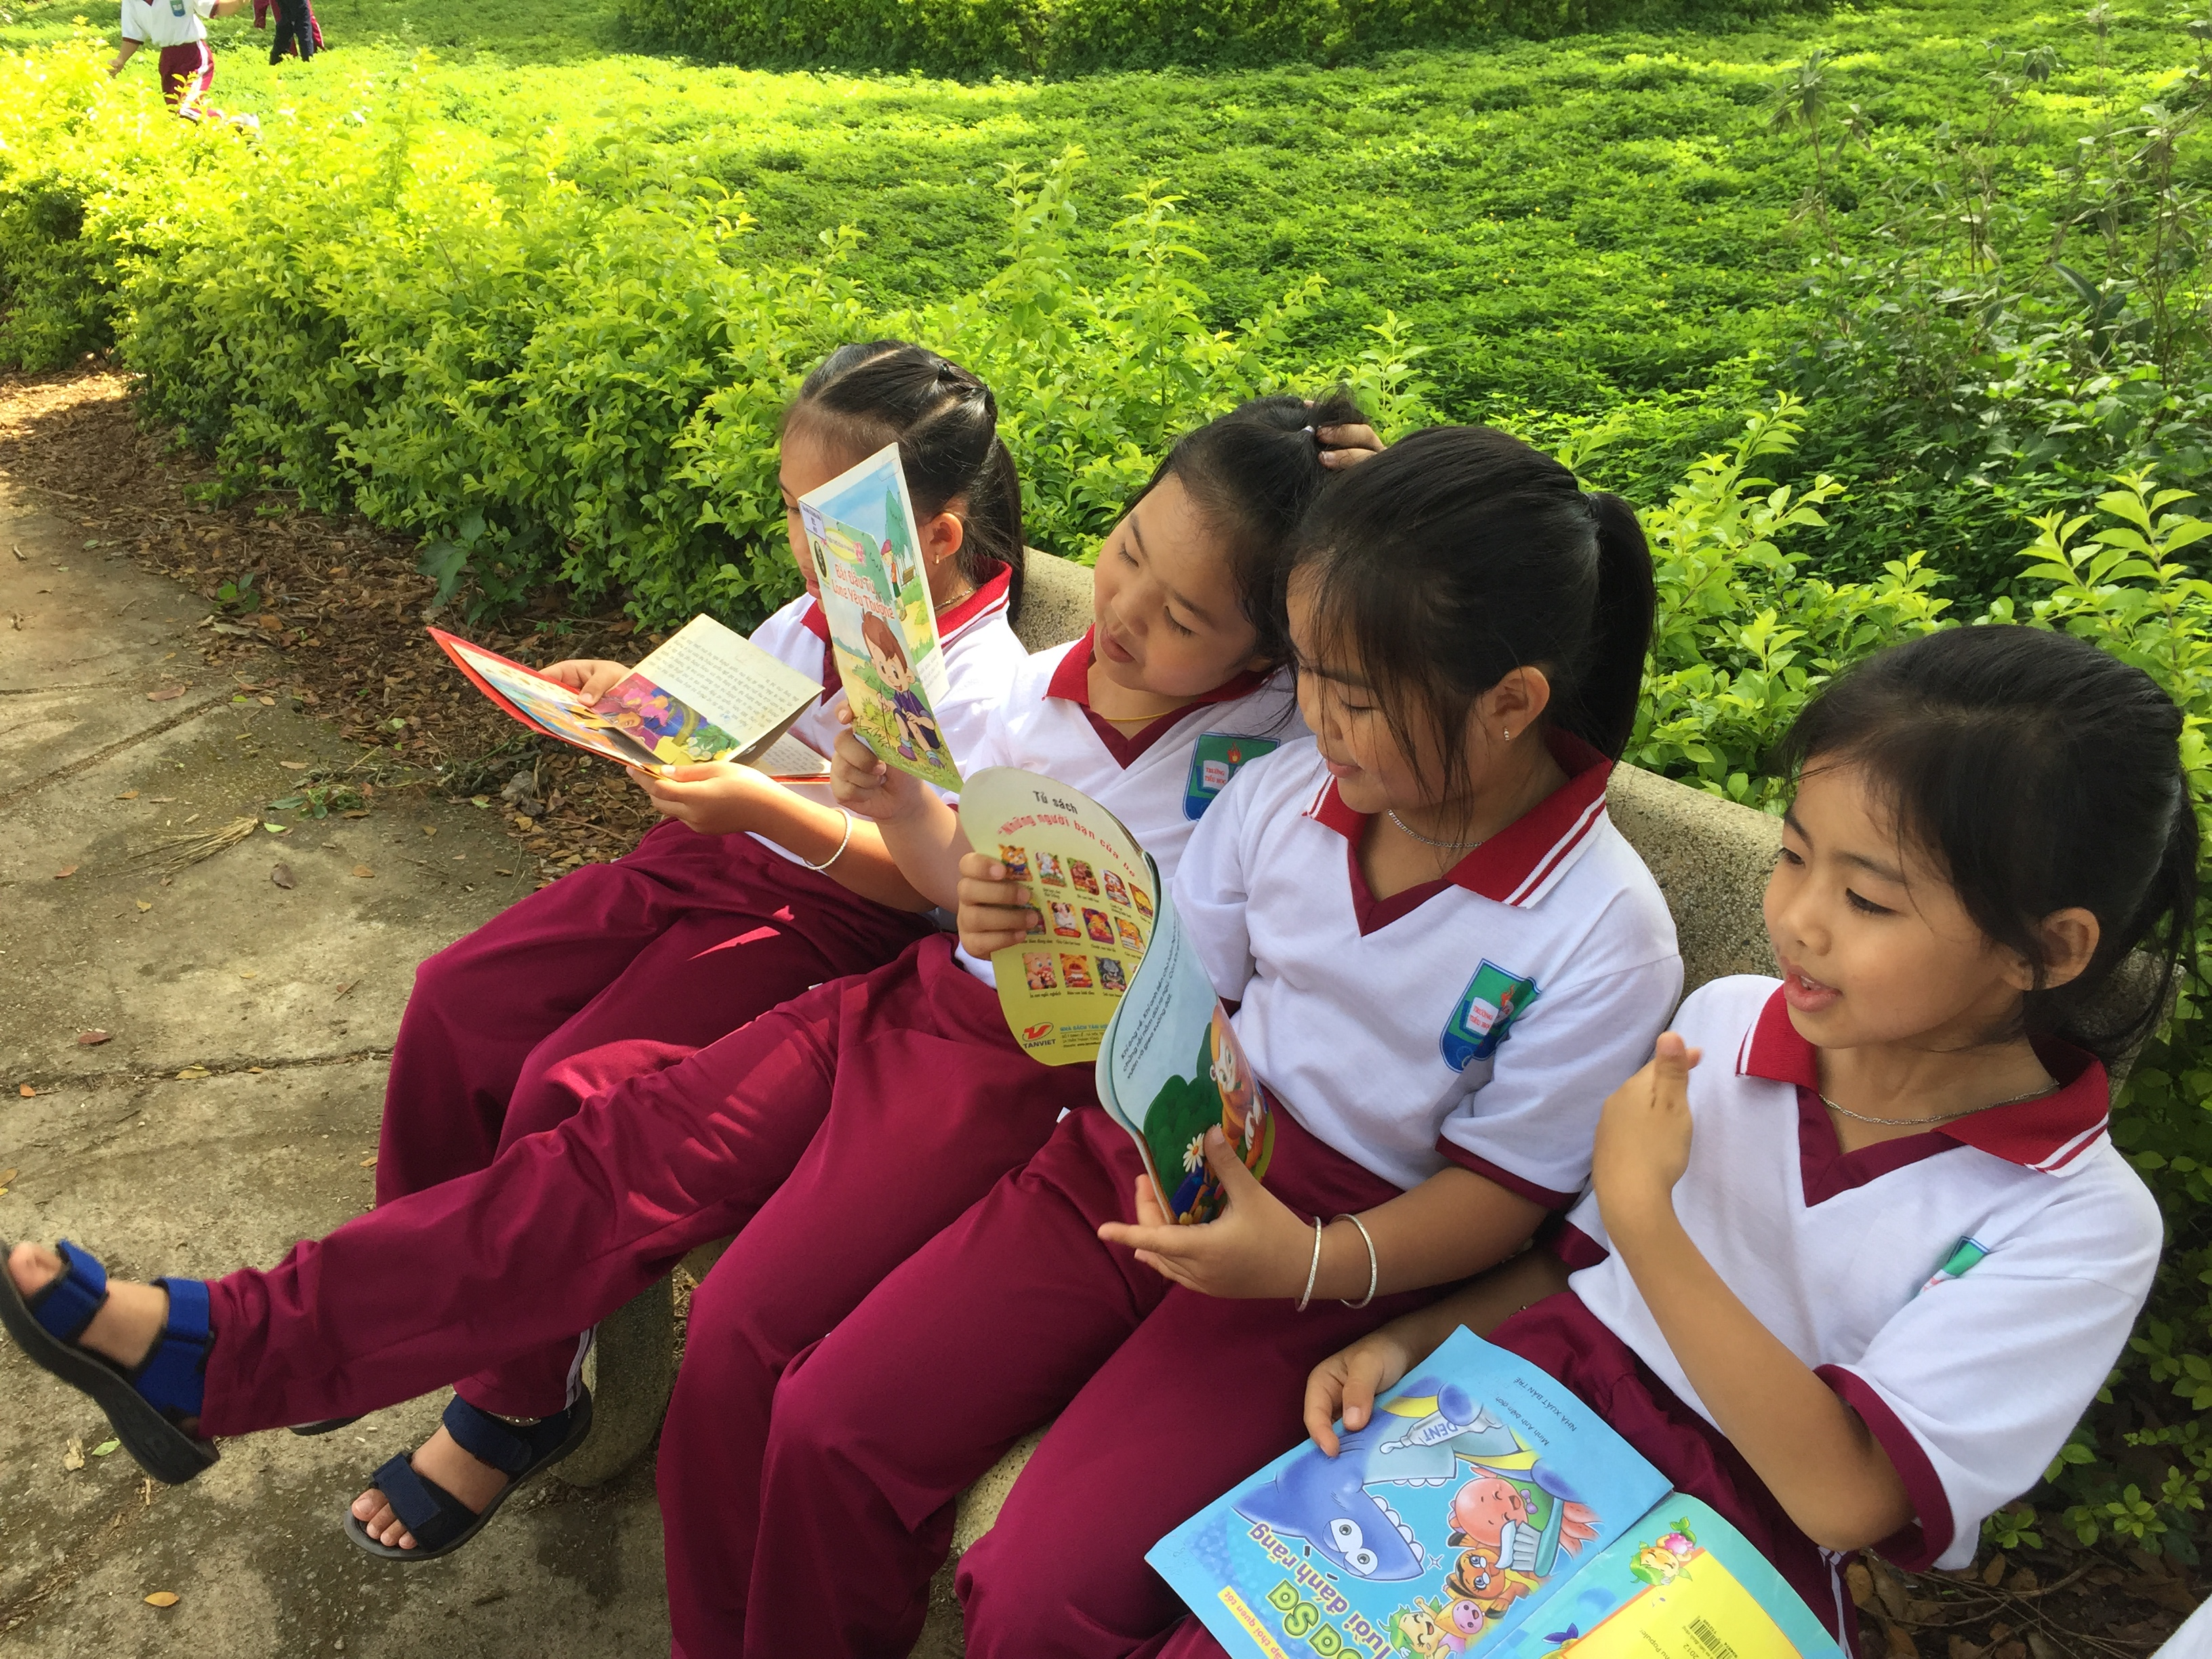 """Khơi dậy văn hóa đọc từ mô hình """"Thư viện xanh"""" tại trường TH Nghĩa Hiệp"""